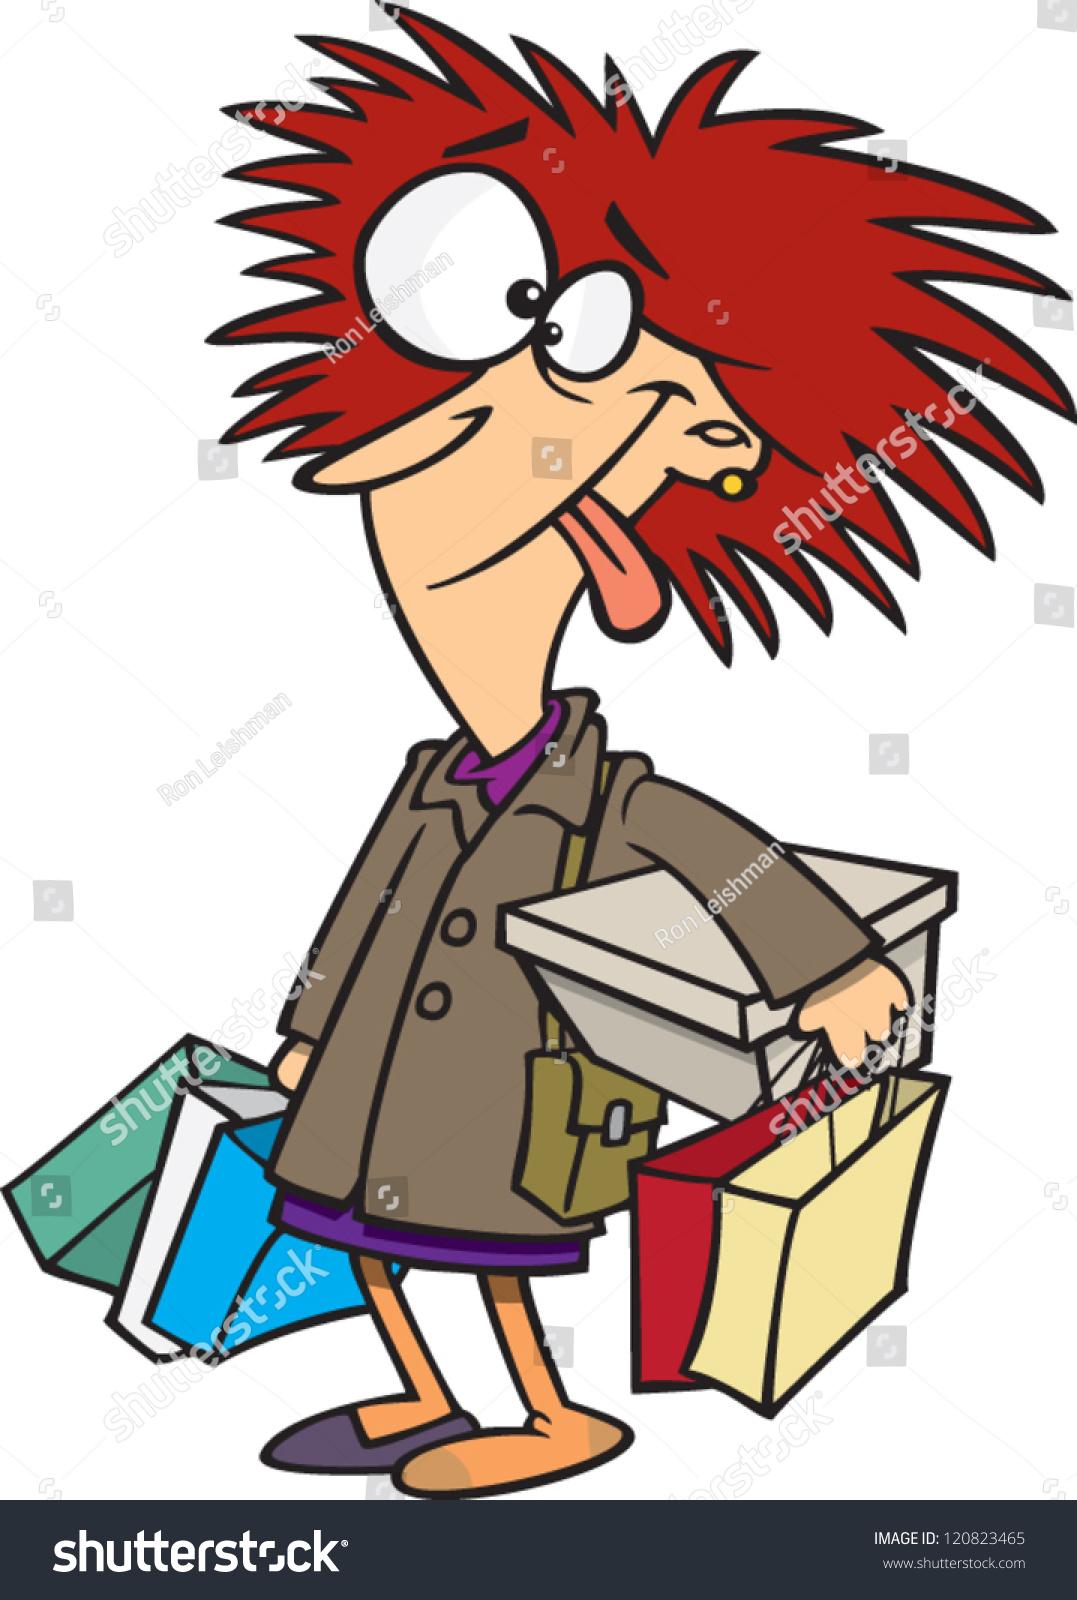 Crazy Cartoon Woman Bunch Shopping Bags Stock Vector ...